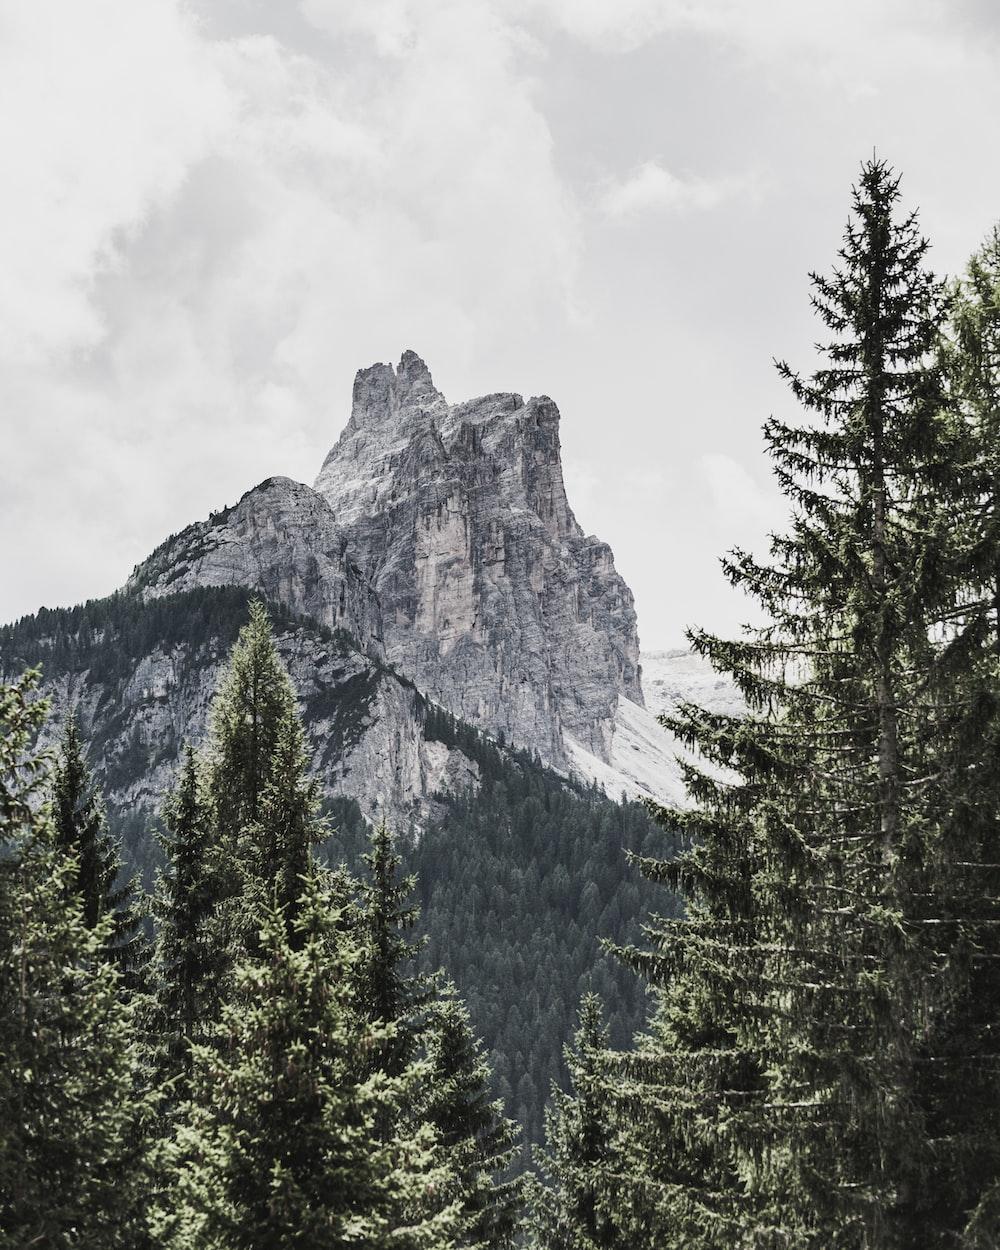 mountains near trees